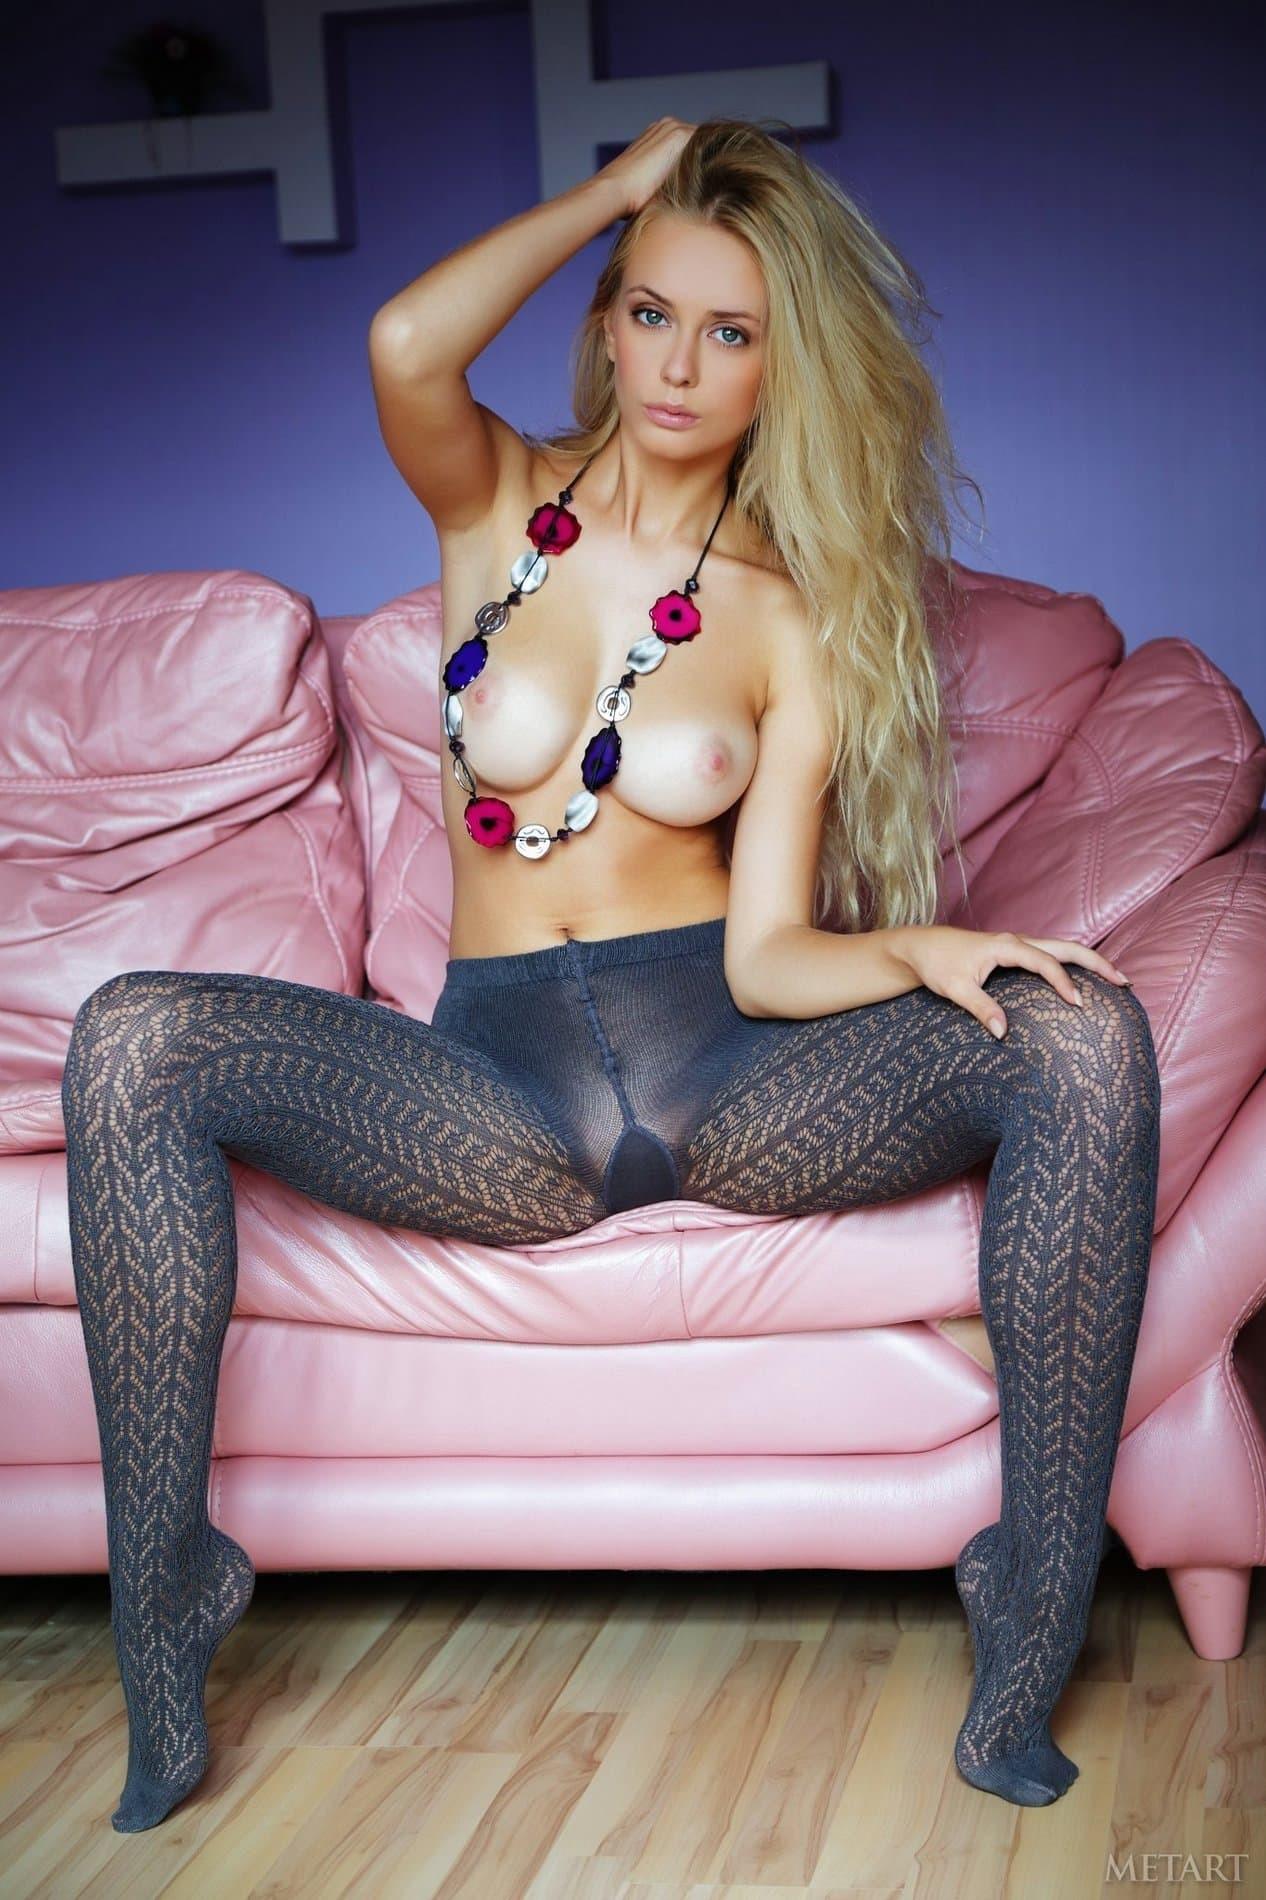 Красивая блондинка позирует в колготках на голое тело - фото